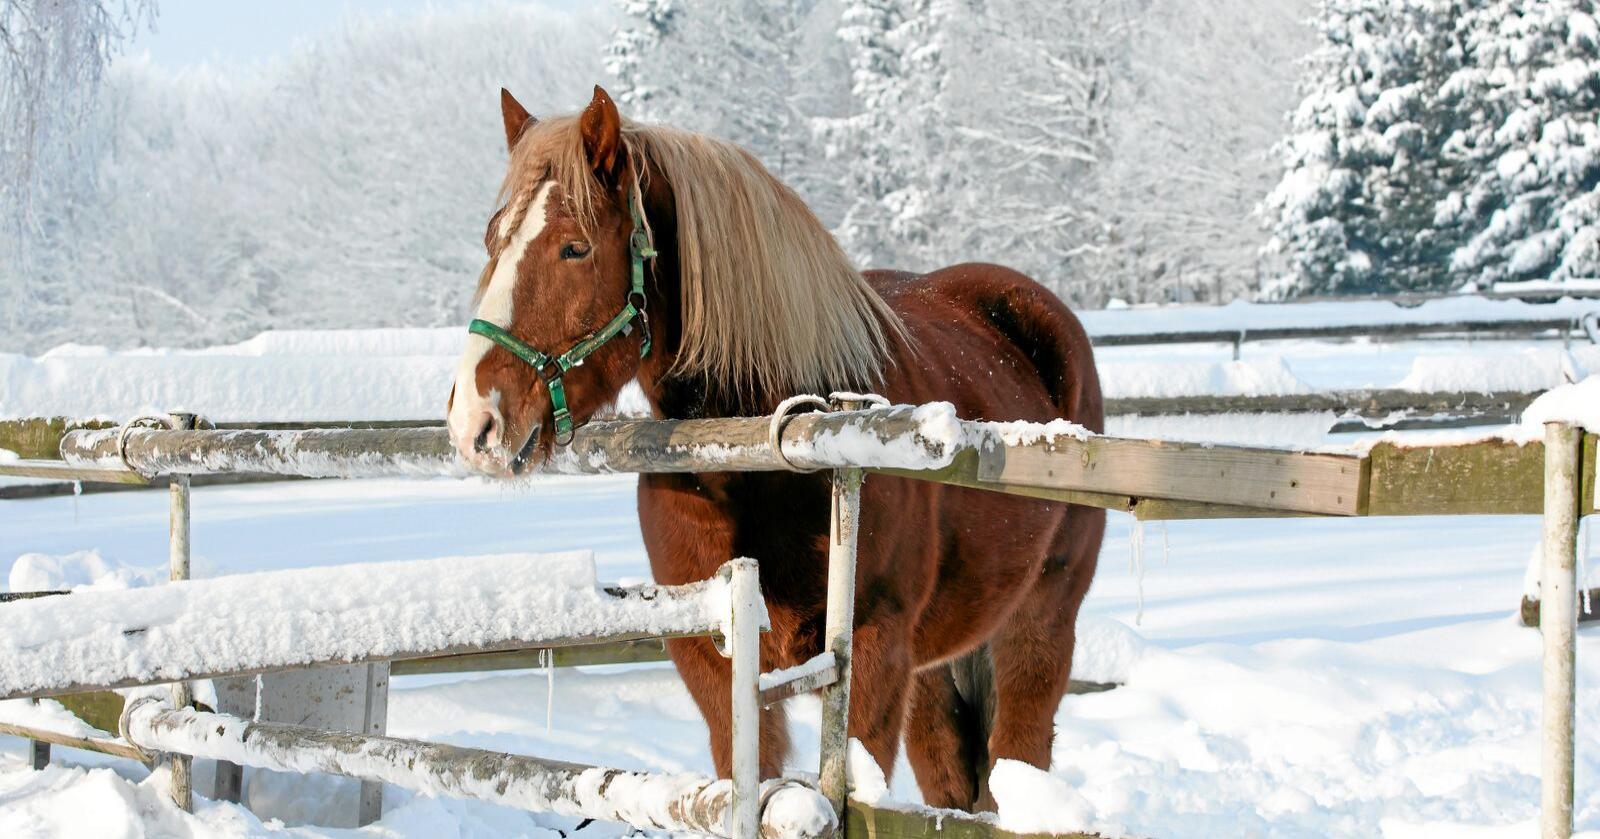 Cheval marron: Hester beslaglegger kornjord - og belaster matproduksjonens klimaregnskap tilsvarende en Paris-tur per dyr. Foto: Mostphotos